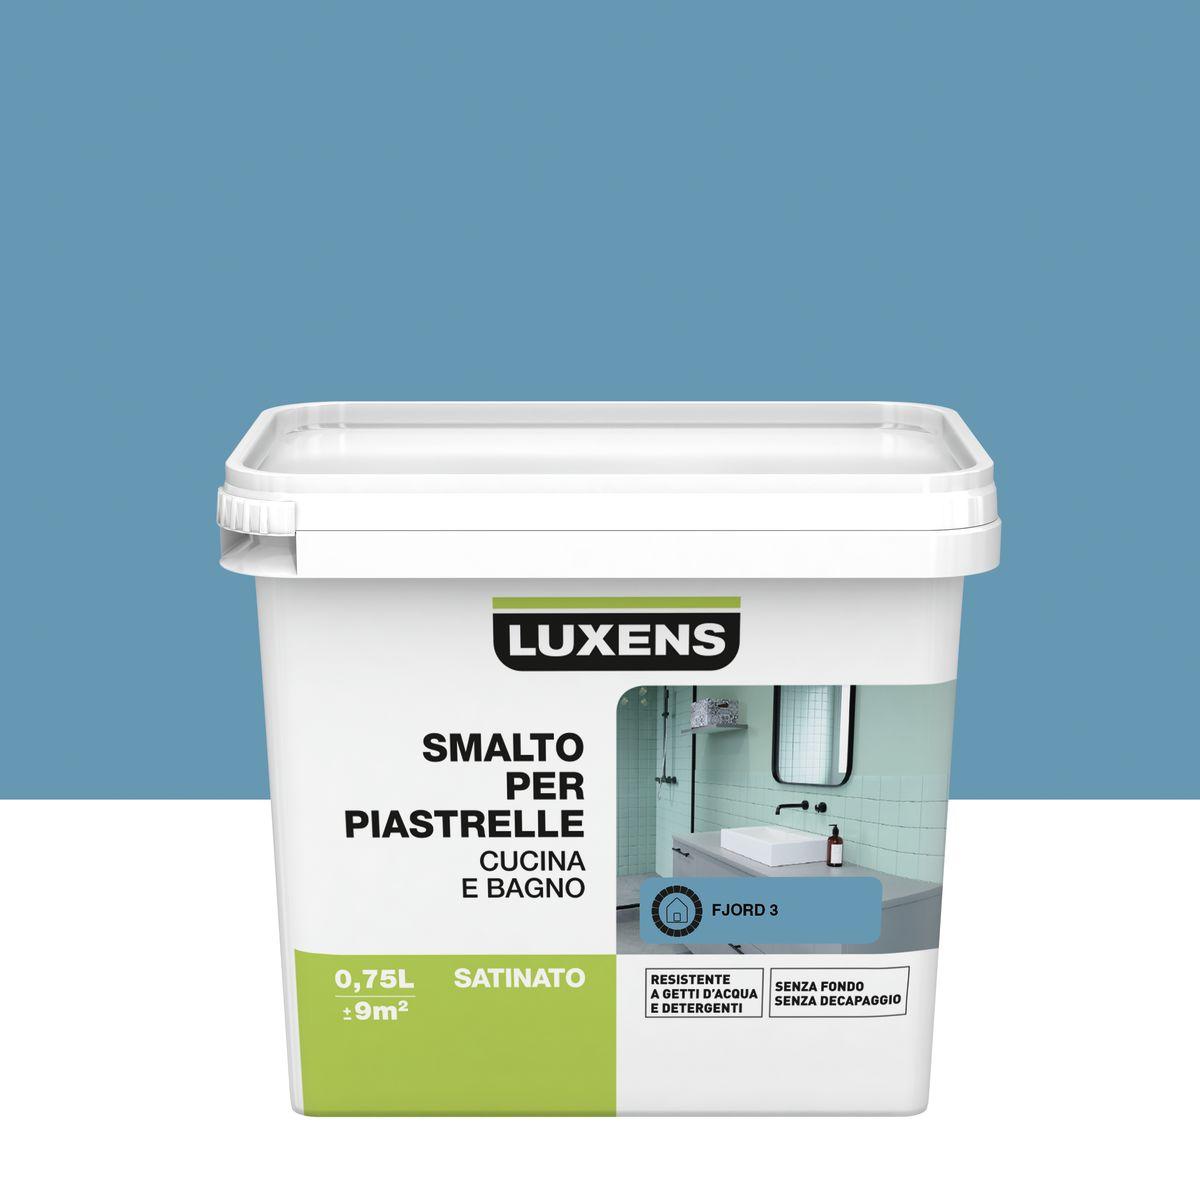 Smalto Per piastrelle Luxens Blu Fjord 3 satinato 0,75 L: prezzi e ...